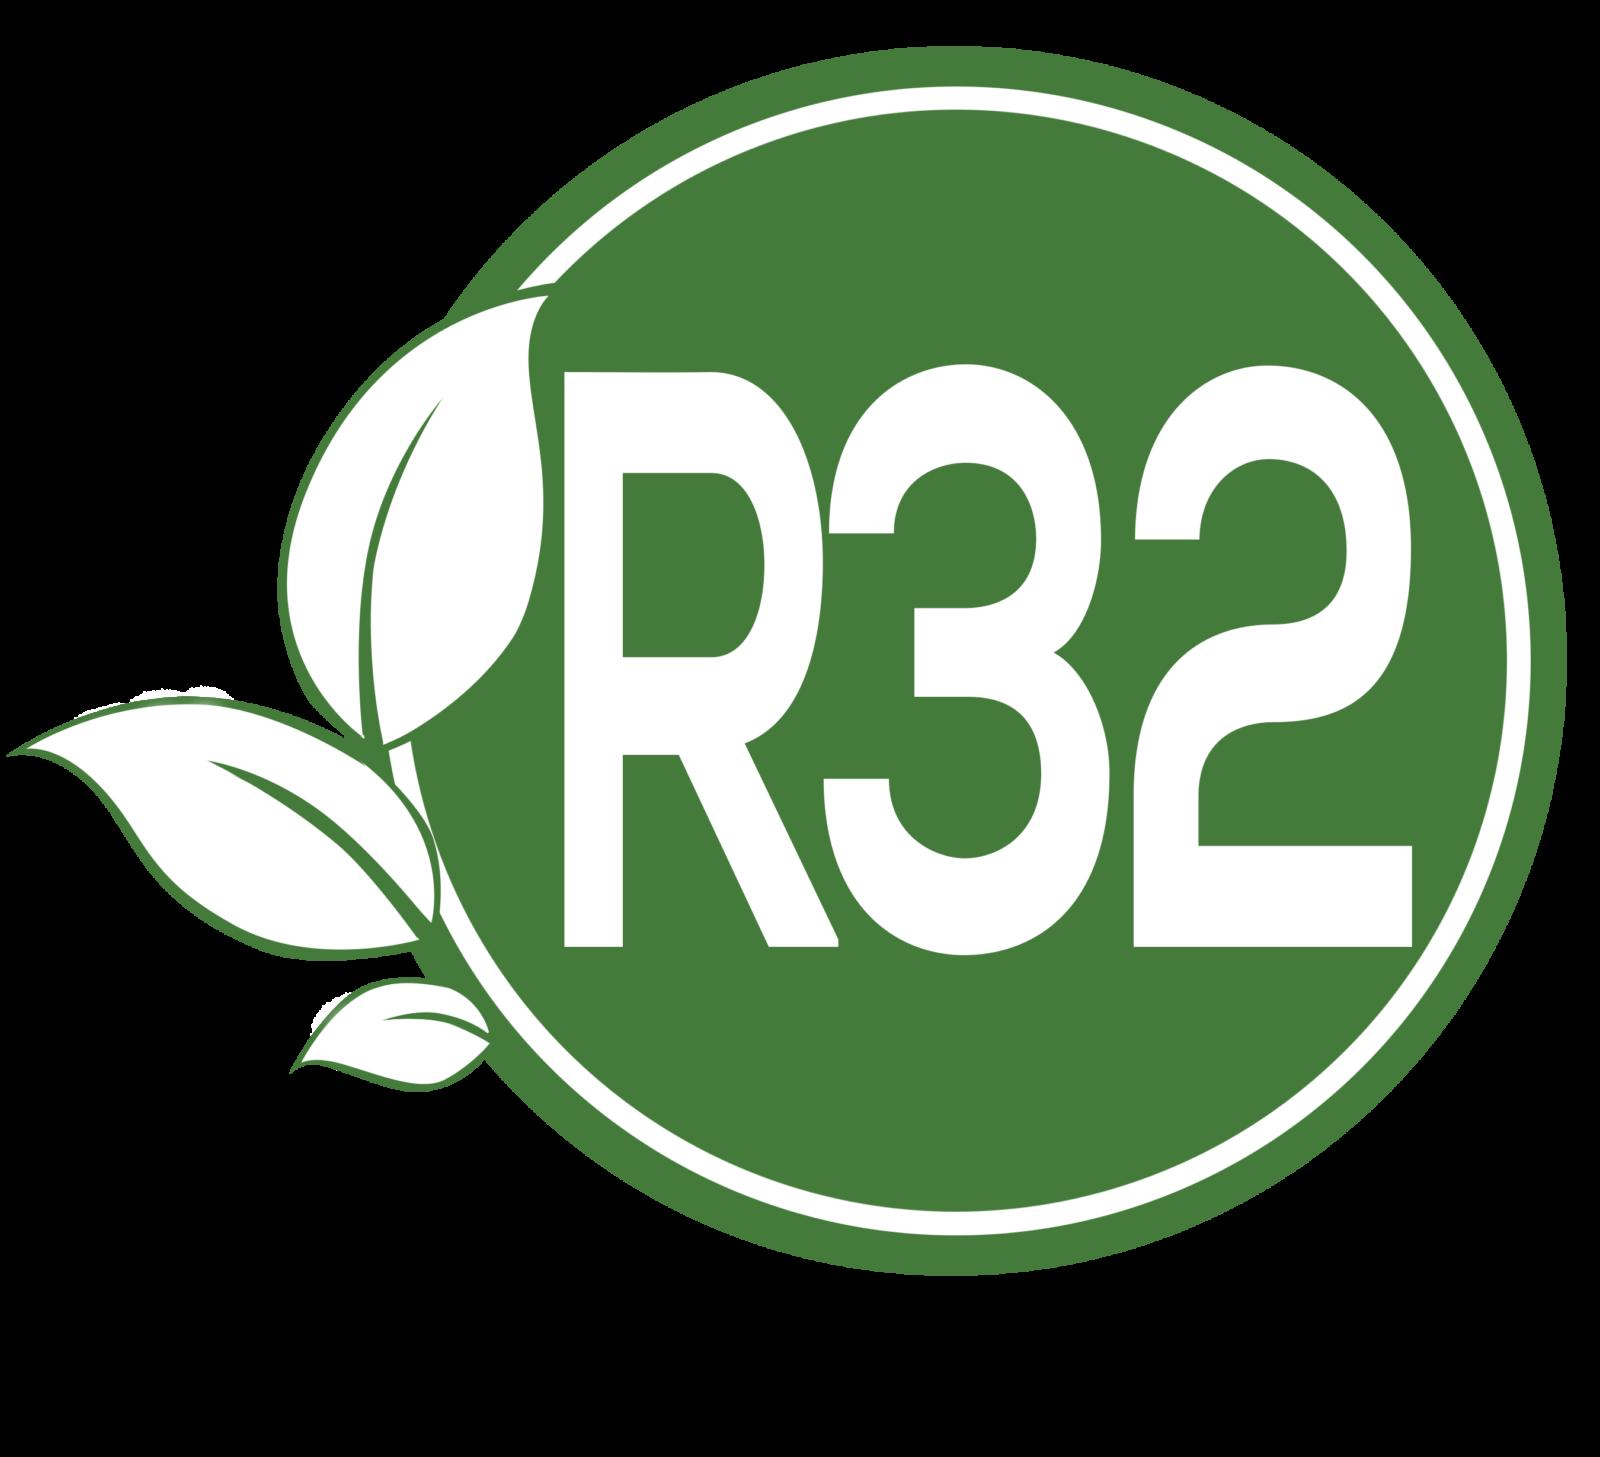 INSTALACIÓN DEL GAS R32